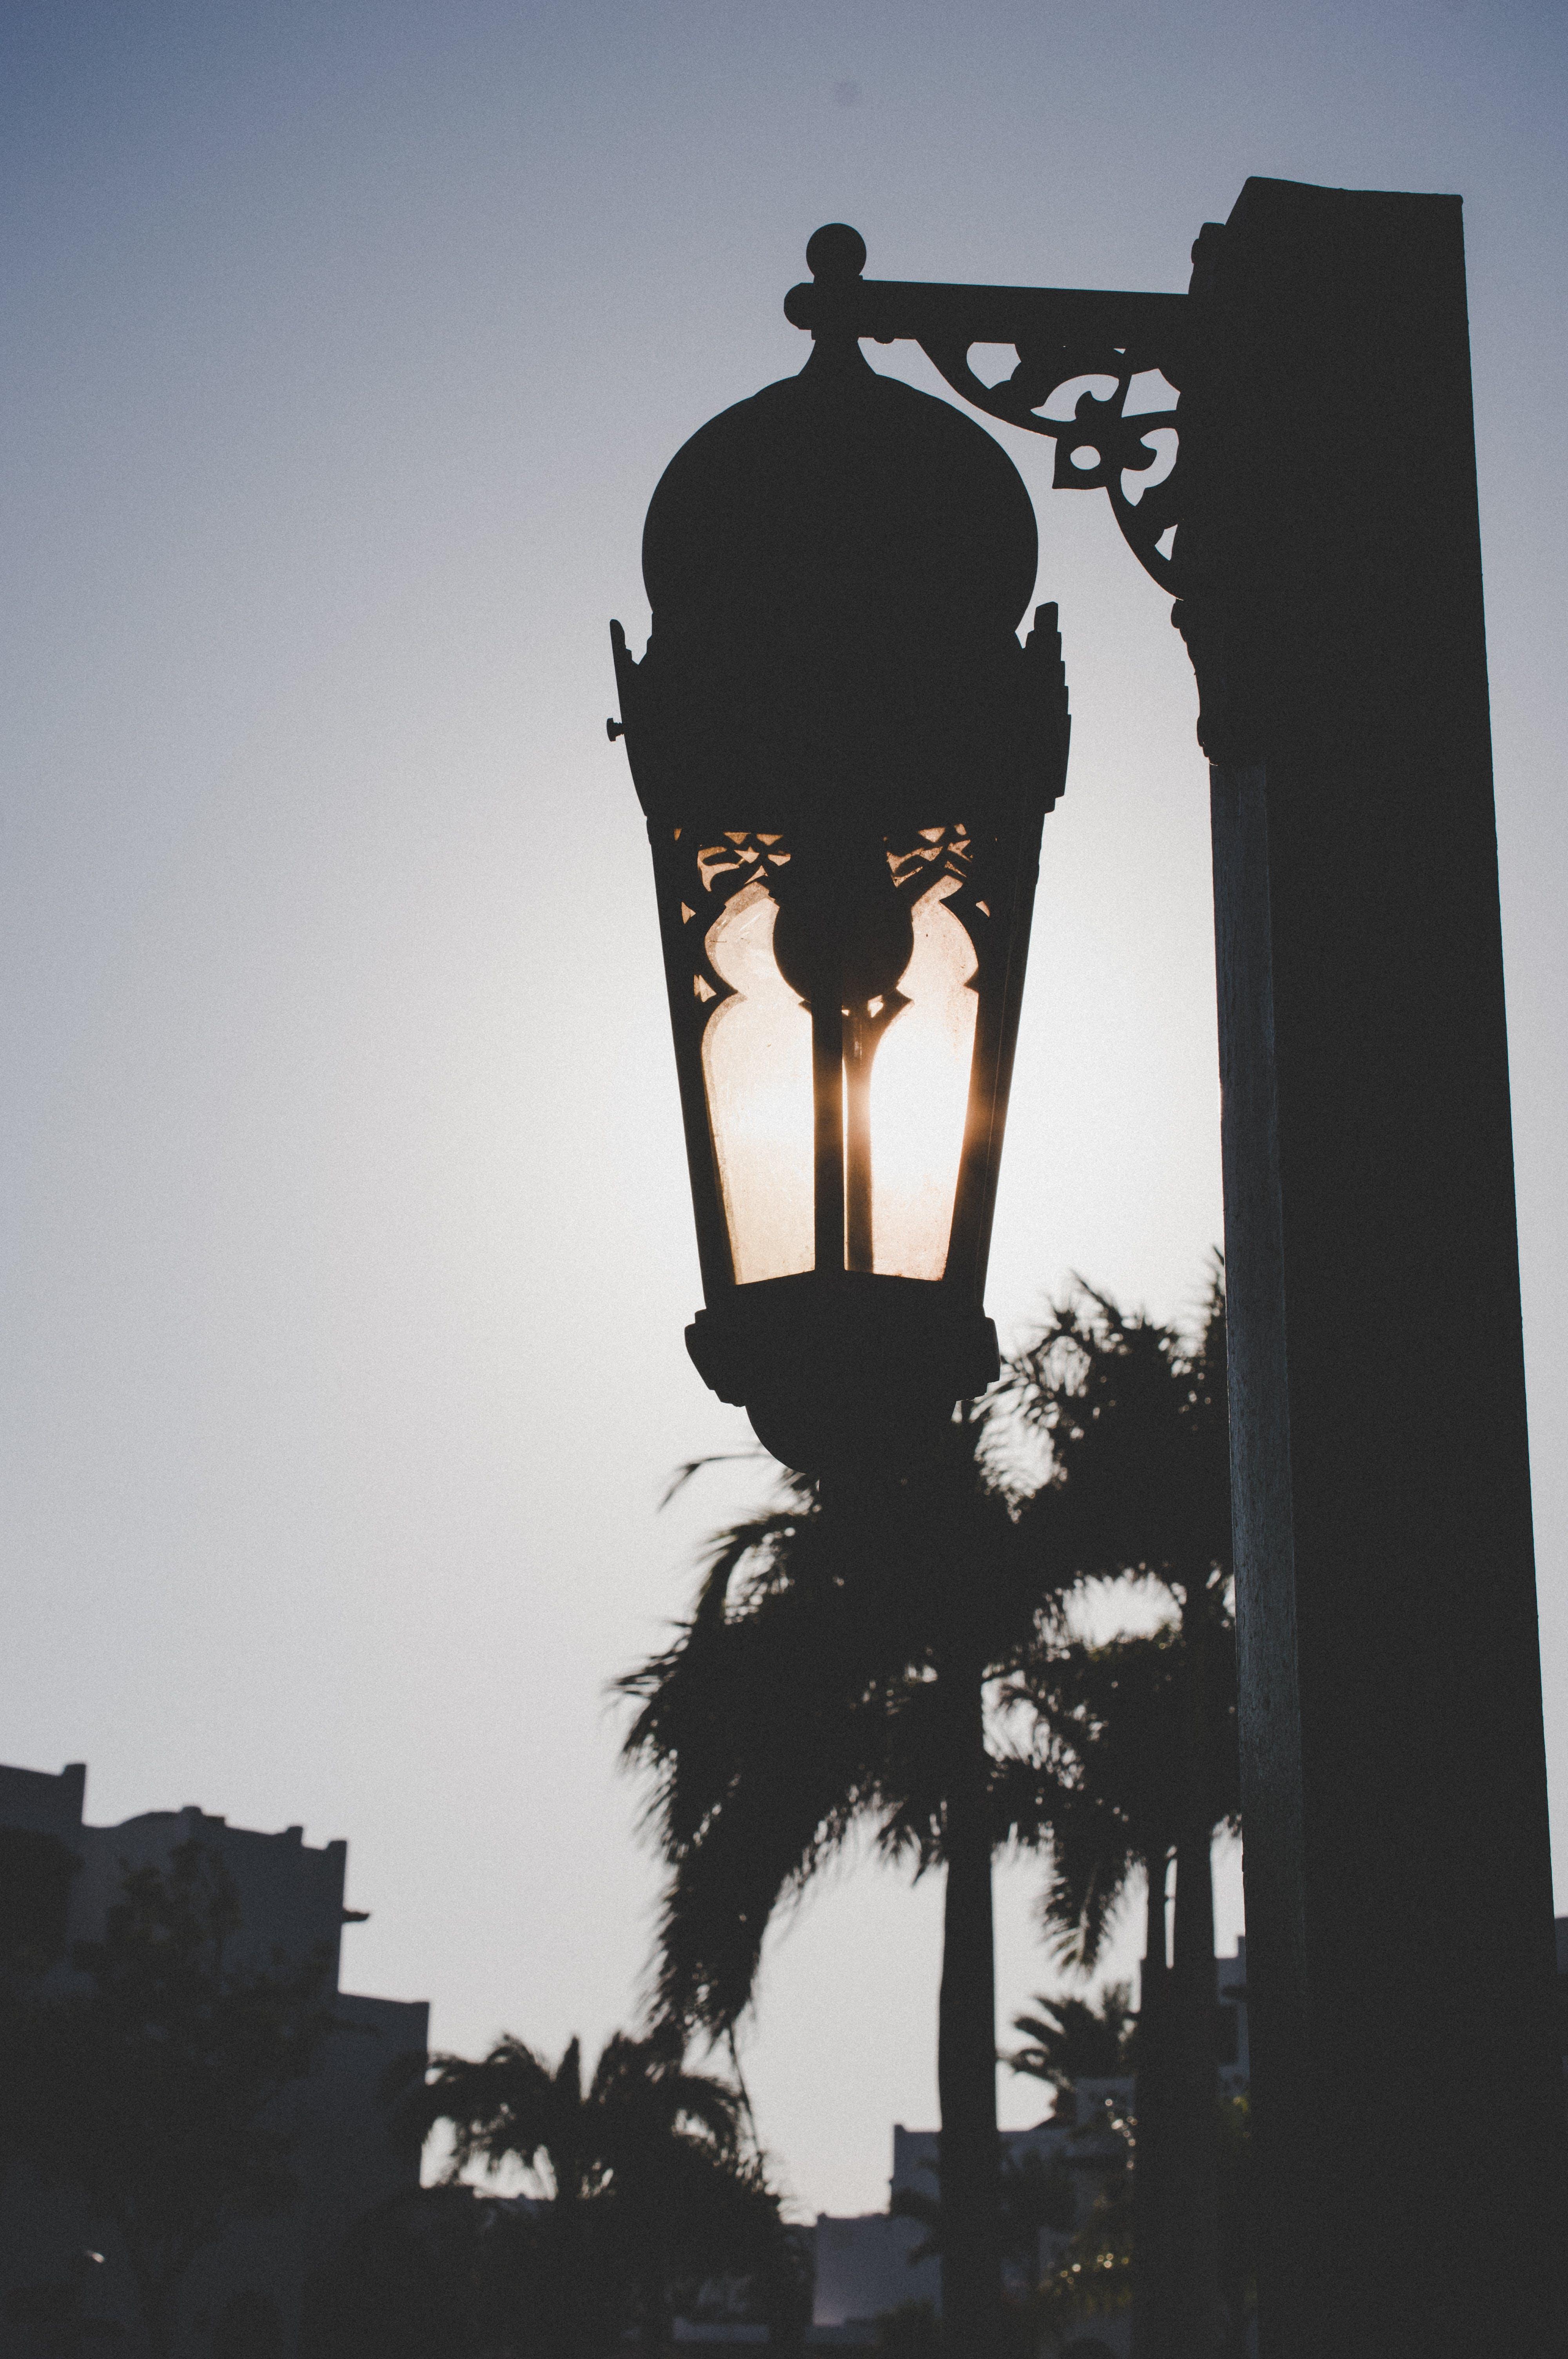 アウトドア, 光, 太陽, 晴天の無料の写真素材